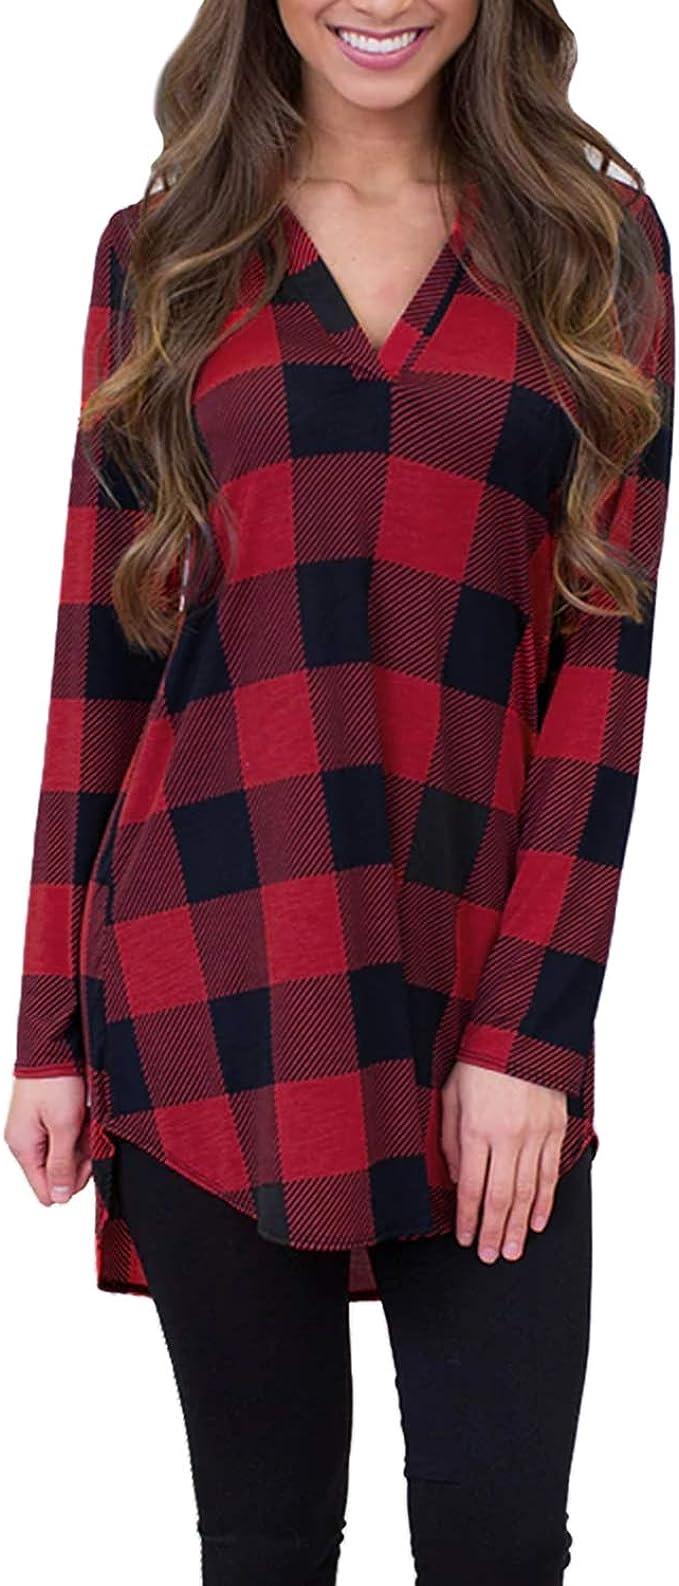 ACHIOOWA Blusa de Mujer Camisa a Cuadros Tops Camisa Casual de Manga Larga Otoño Nuevo Retro Chic Negra roja 2XL: Amazon.es: Ropa y accesorios